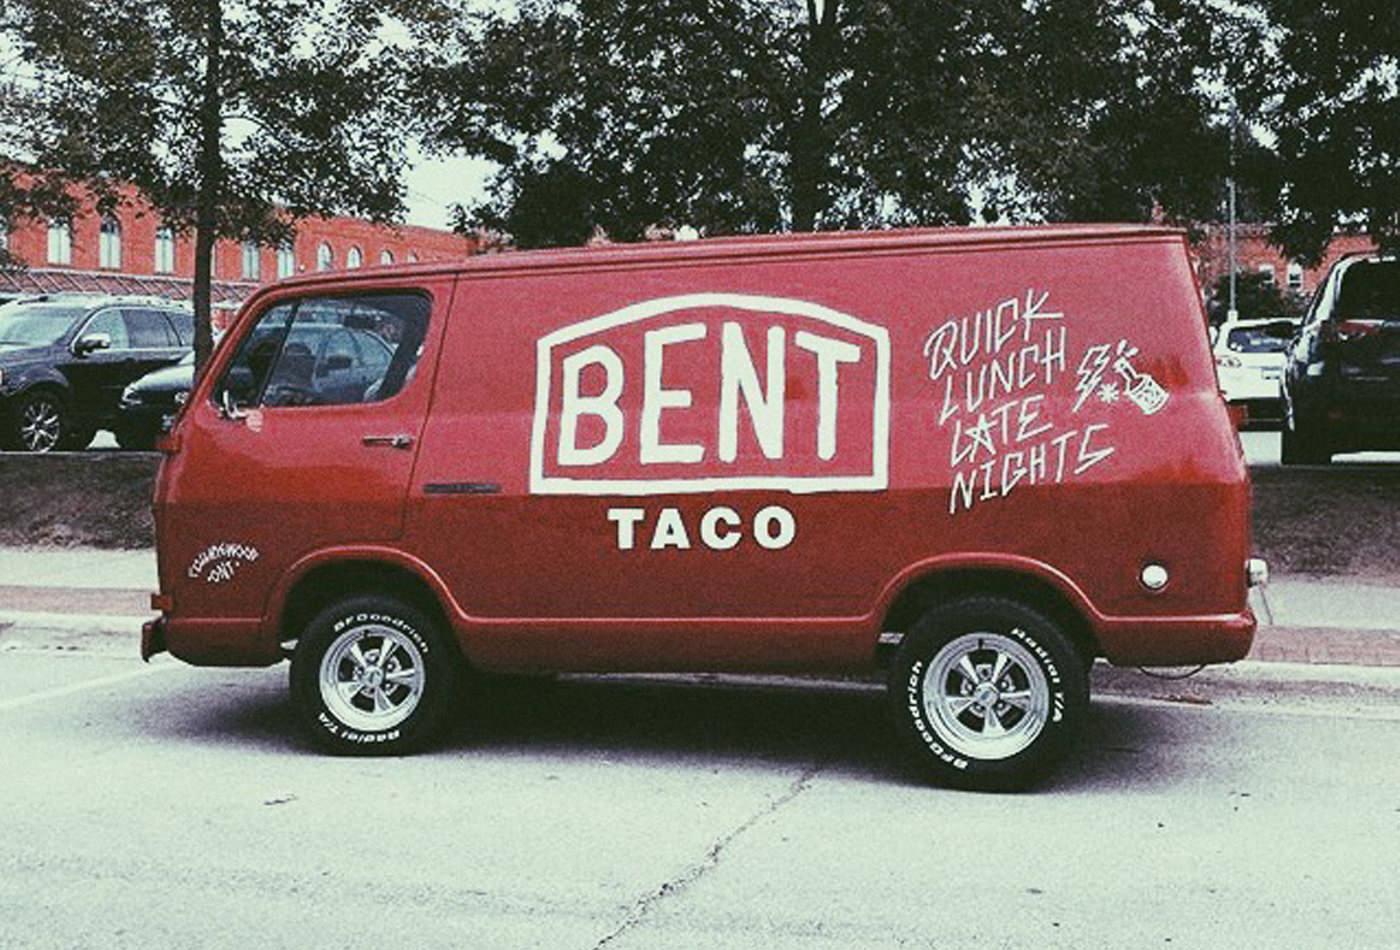 benttaco-tacos-bent-shell-bent-vacaliebres-collingwood-branding-art-direction-ontario